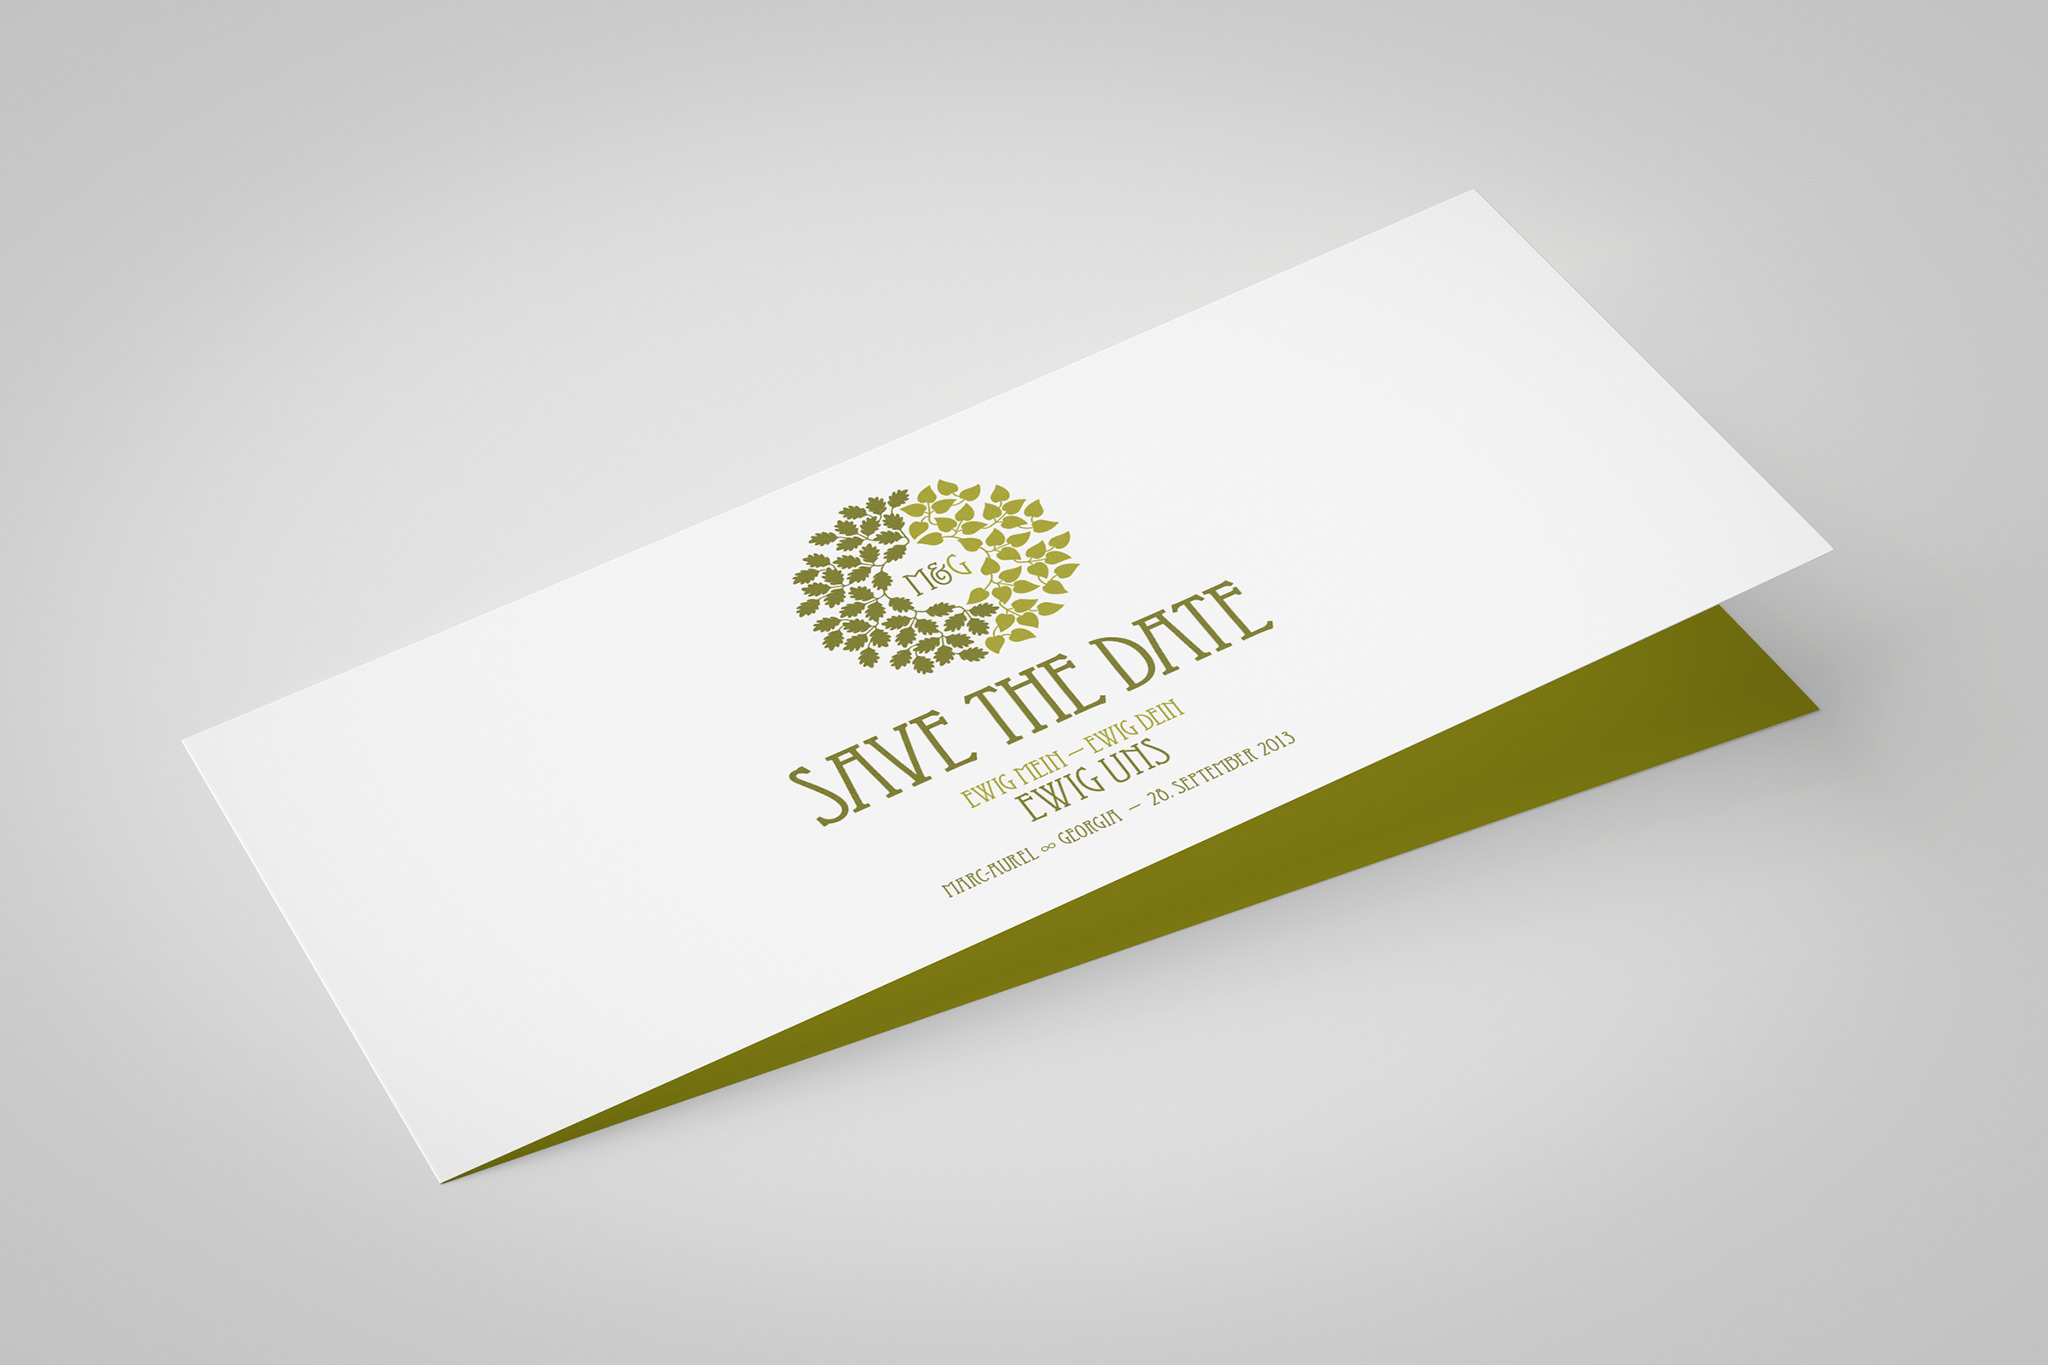 Save the Date | Gestaltung und Illustration: Johannes Willwacher